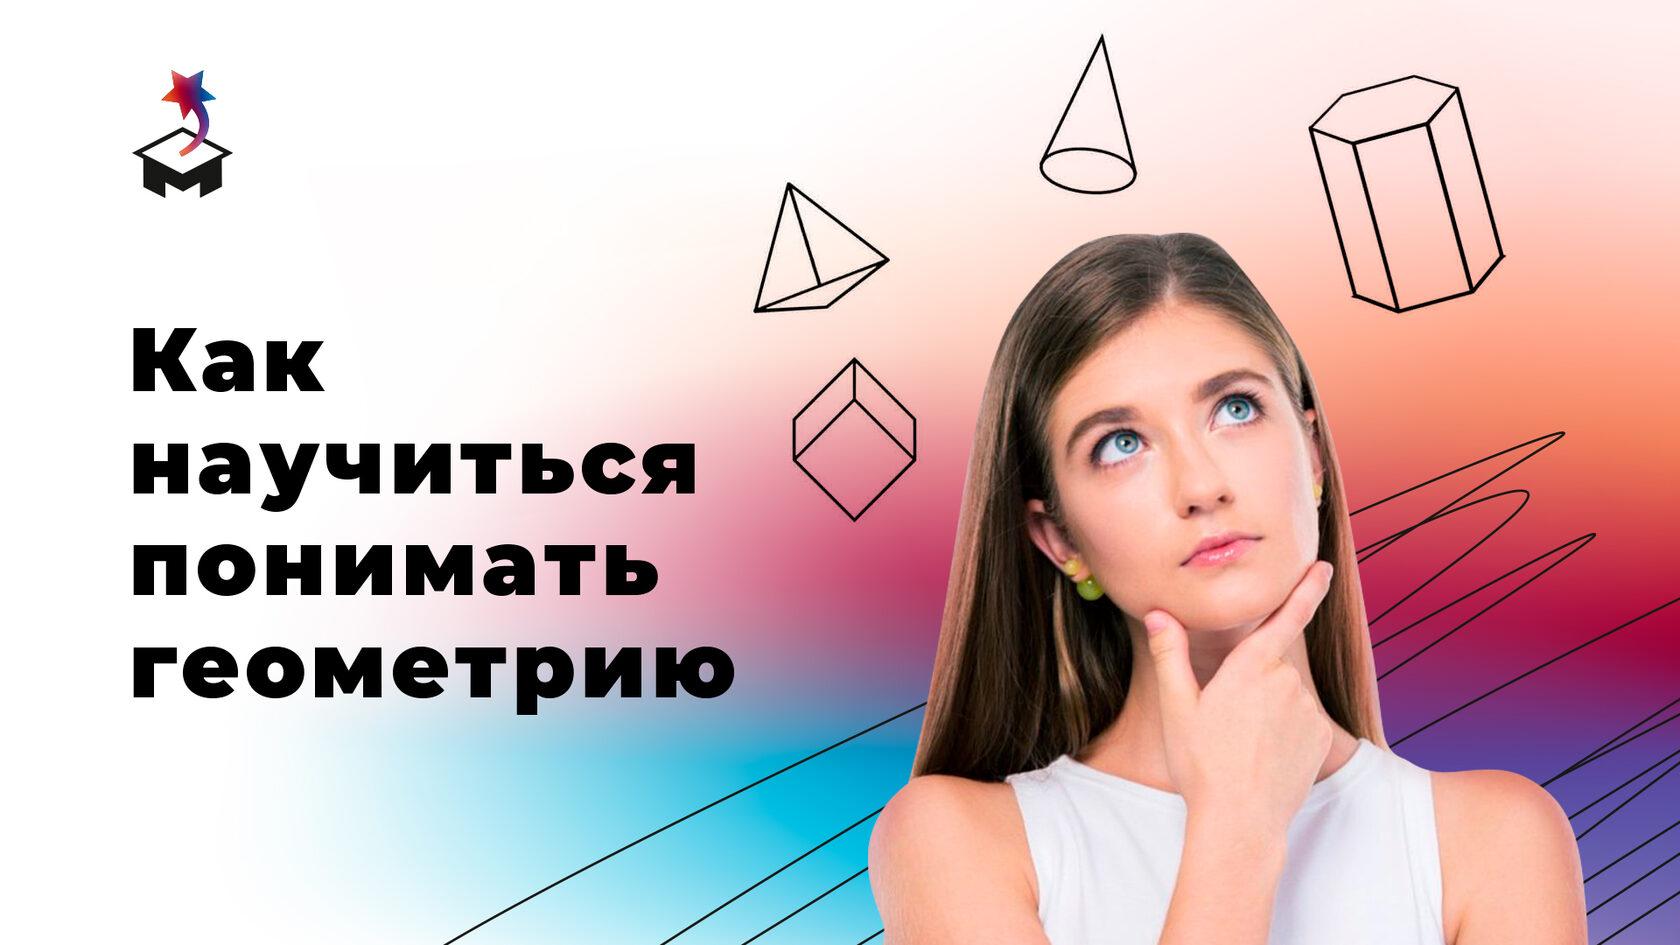 задумчивая девушка в окружении геометрических фигур